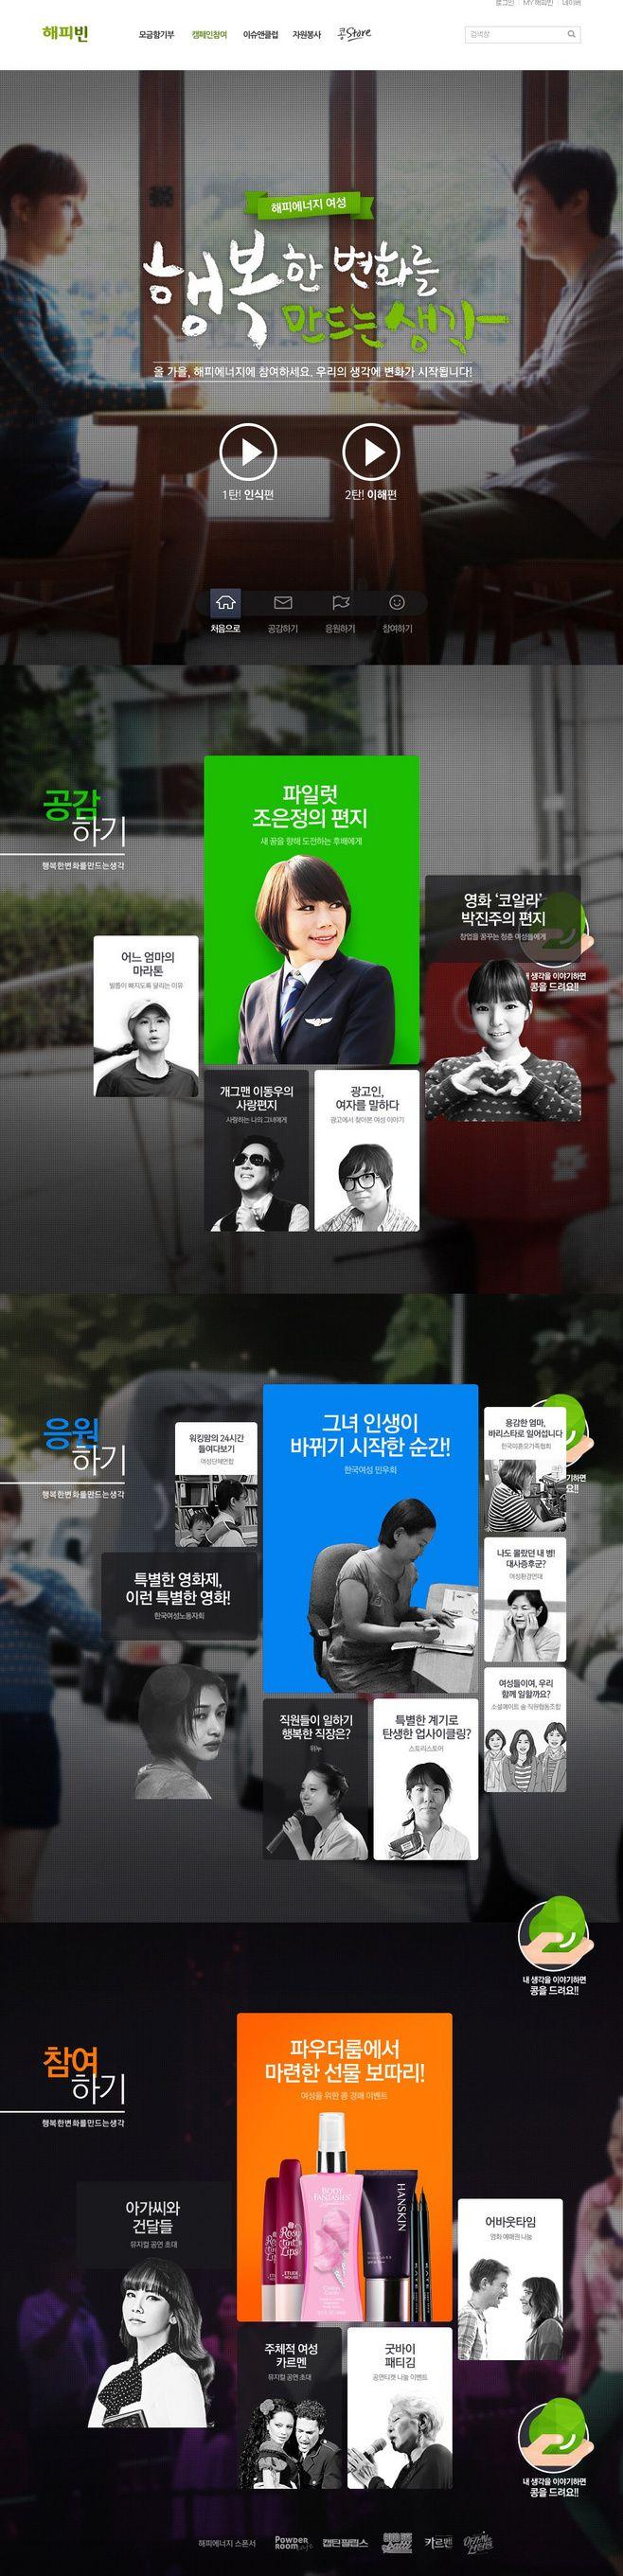 韩国网站界面设计欣赏4@UI设计采集到网页设计(7665图)_花瓣UI/UX